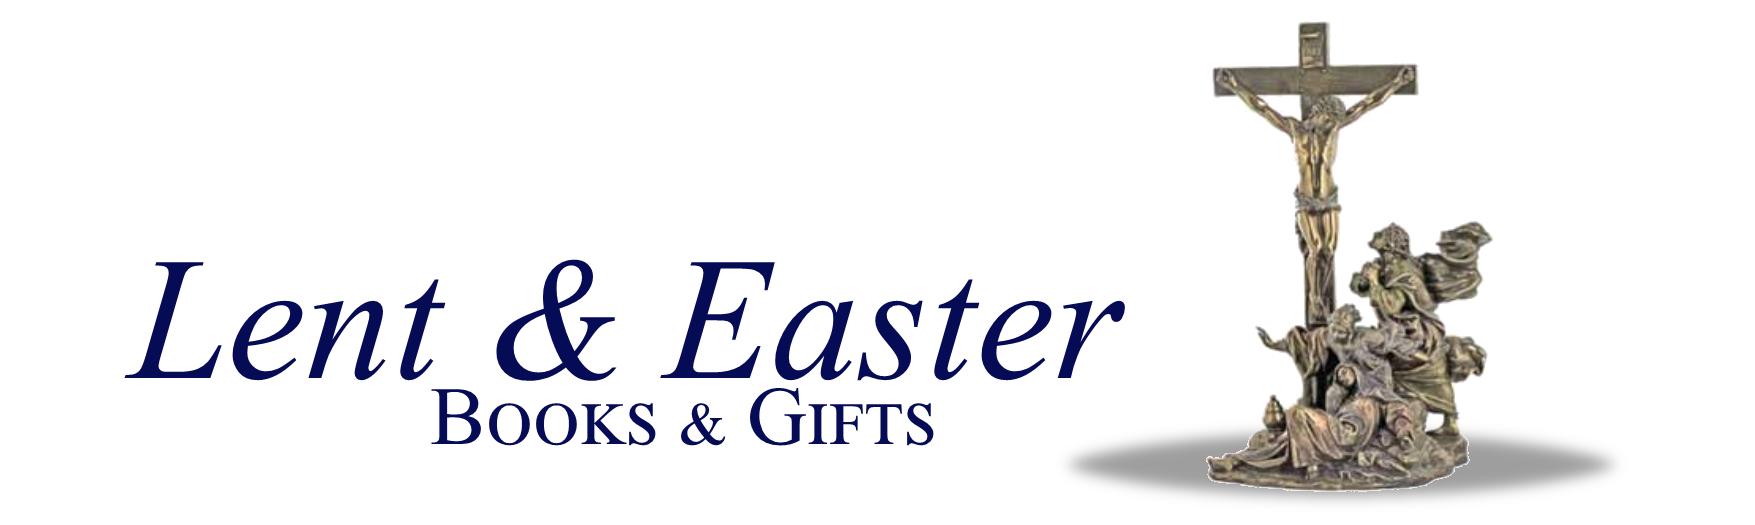 All Lent & Easter